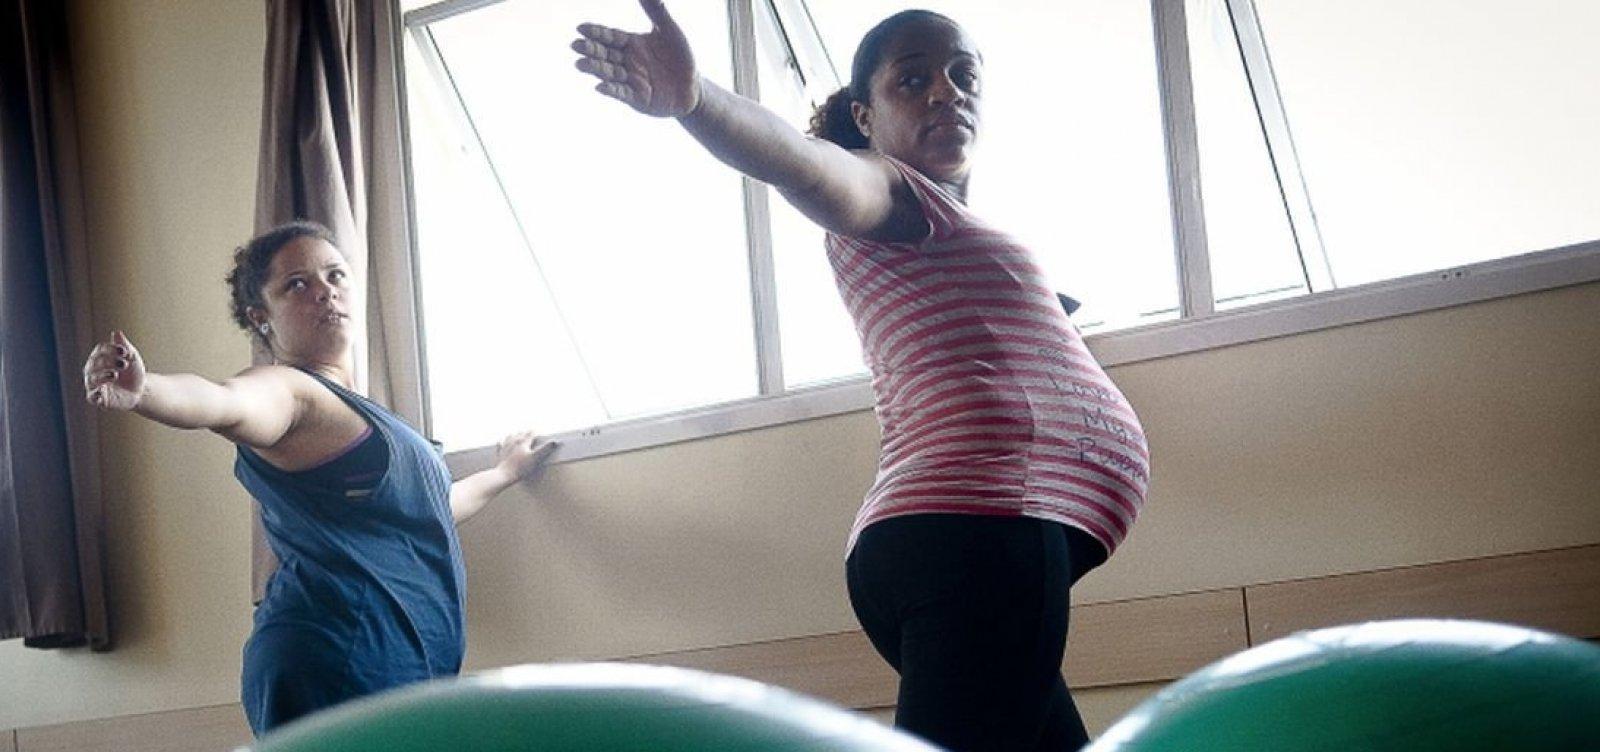 [Número de grávidas com HIV aumenta quase 40% em dez anos]